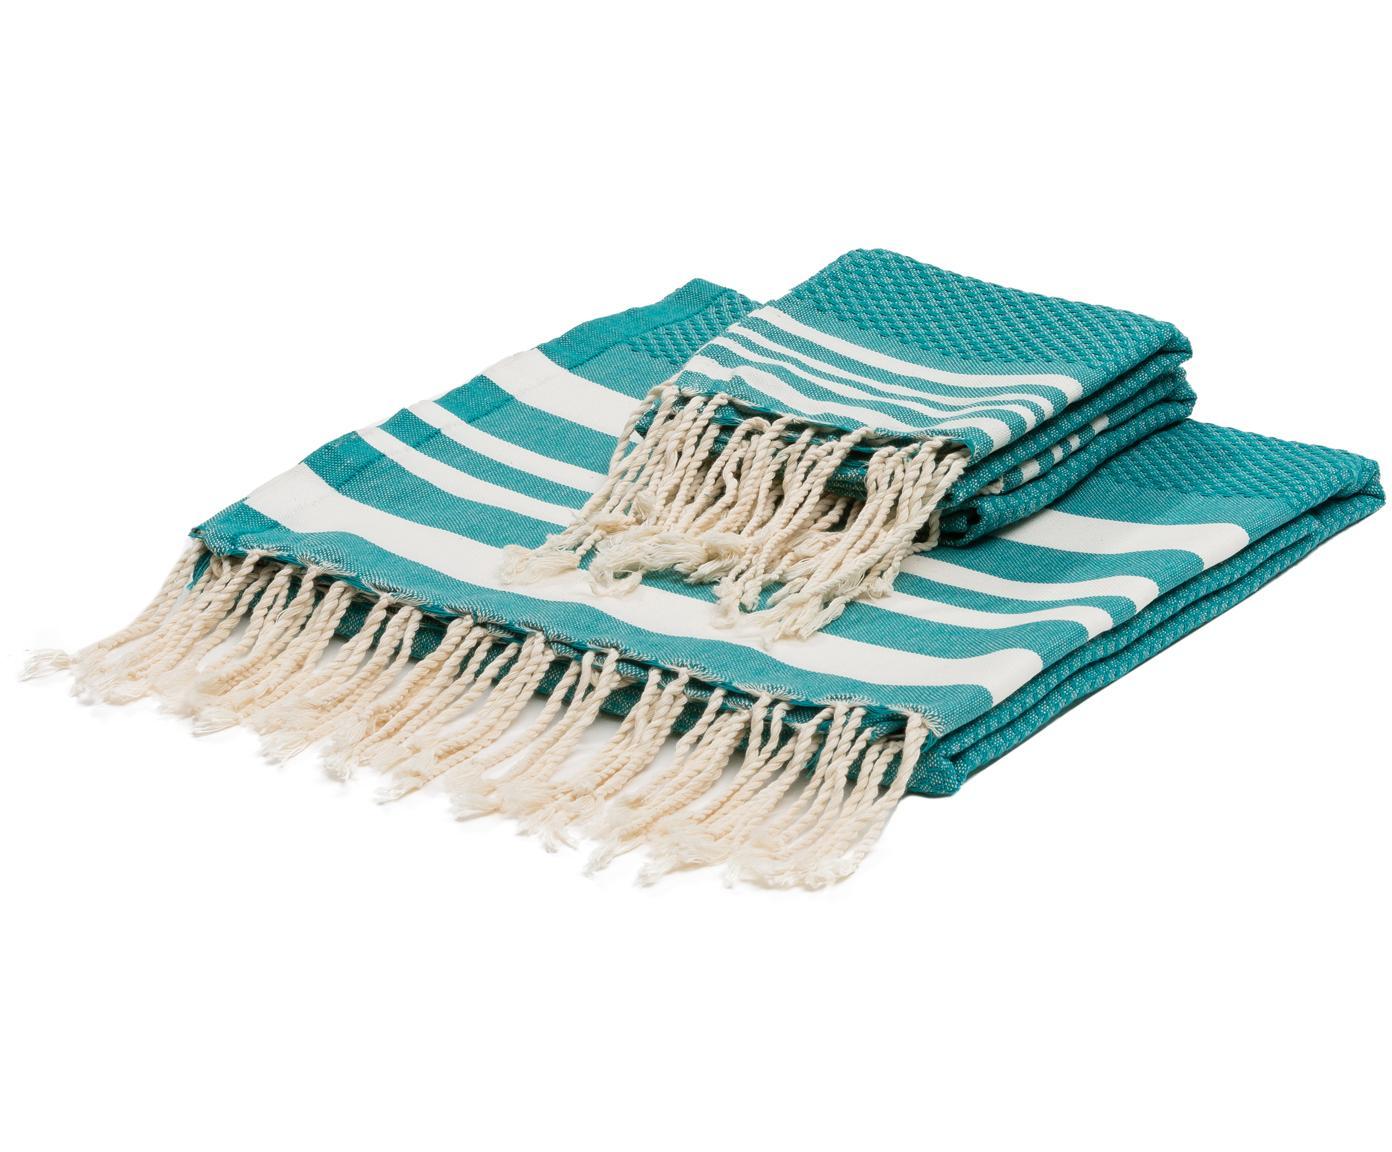 Leichtes Handtuch-Set Hamptons, 3-tlg., Türkisgrün, Weiß, Sondergrößen